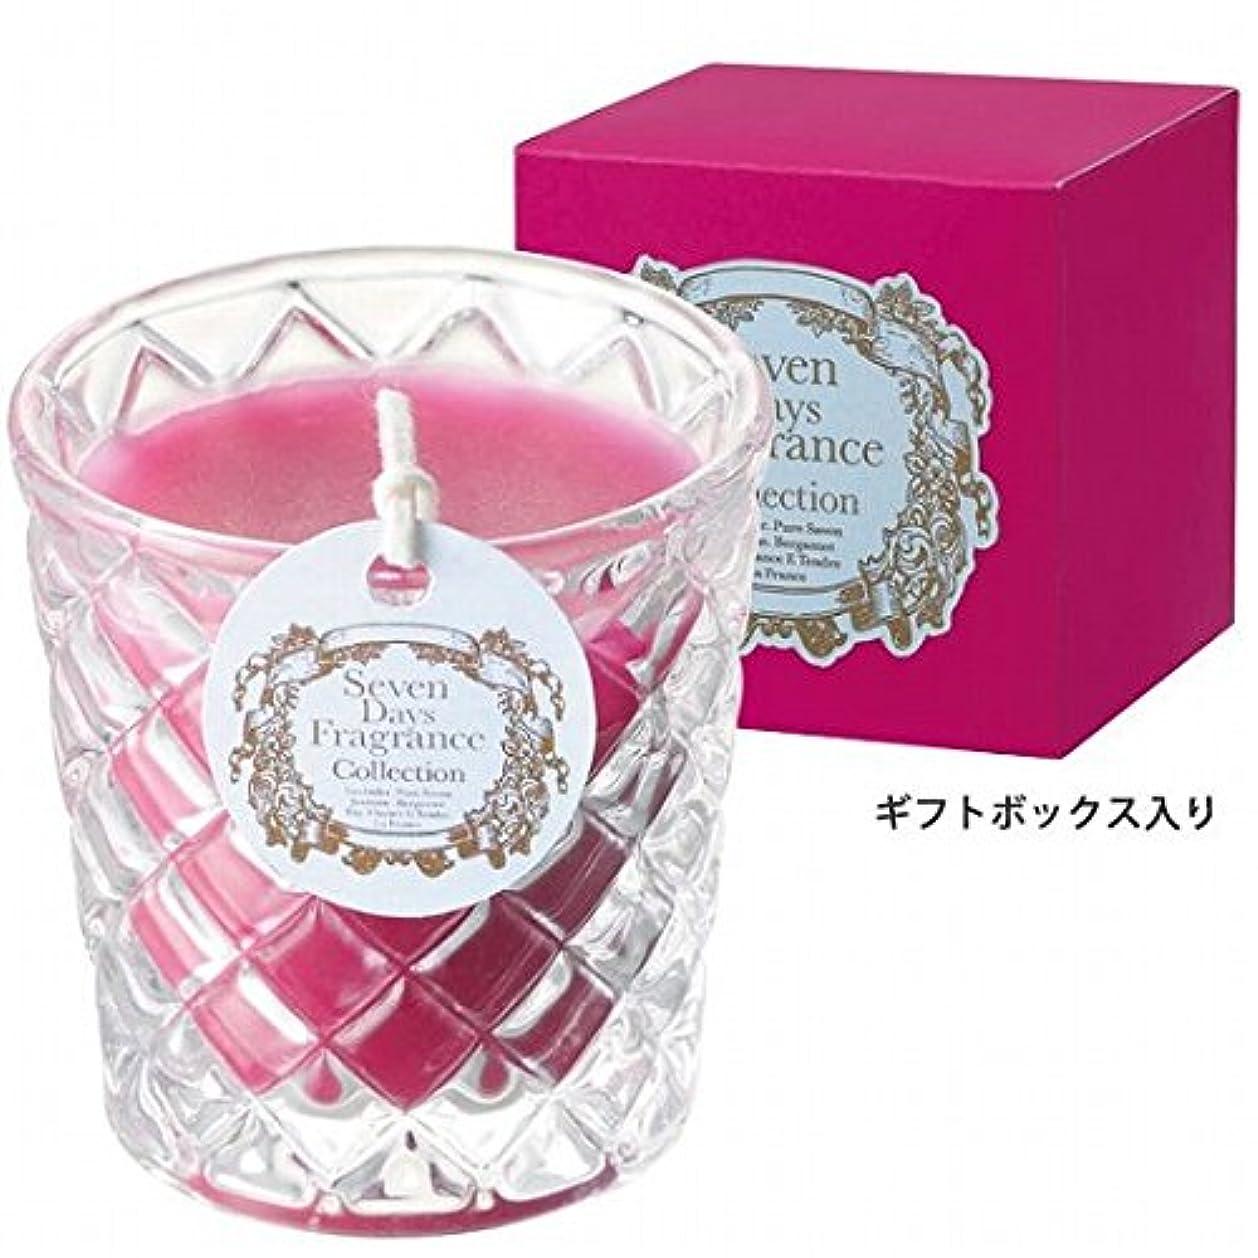 花姪恩赦カメヤマキャンドル( kameyama candle ) セブンデイズグラスキャンドル(木曜日) 「 フィグ 」